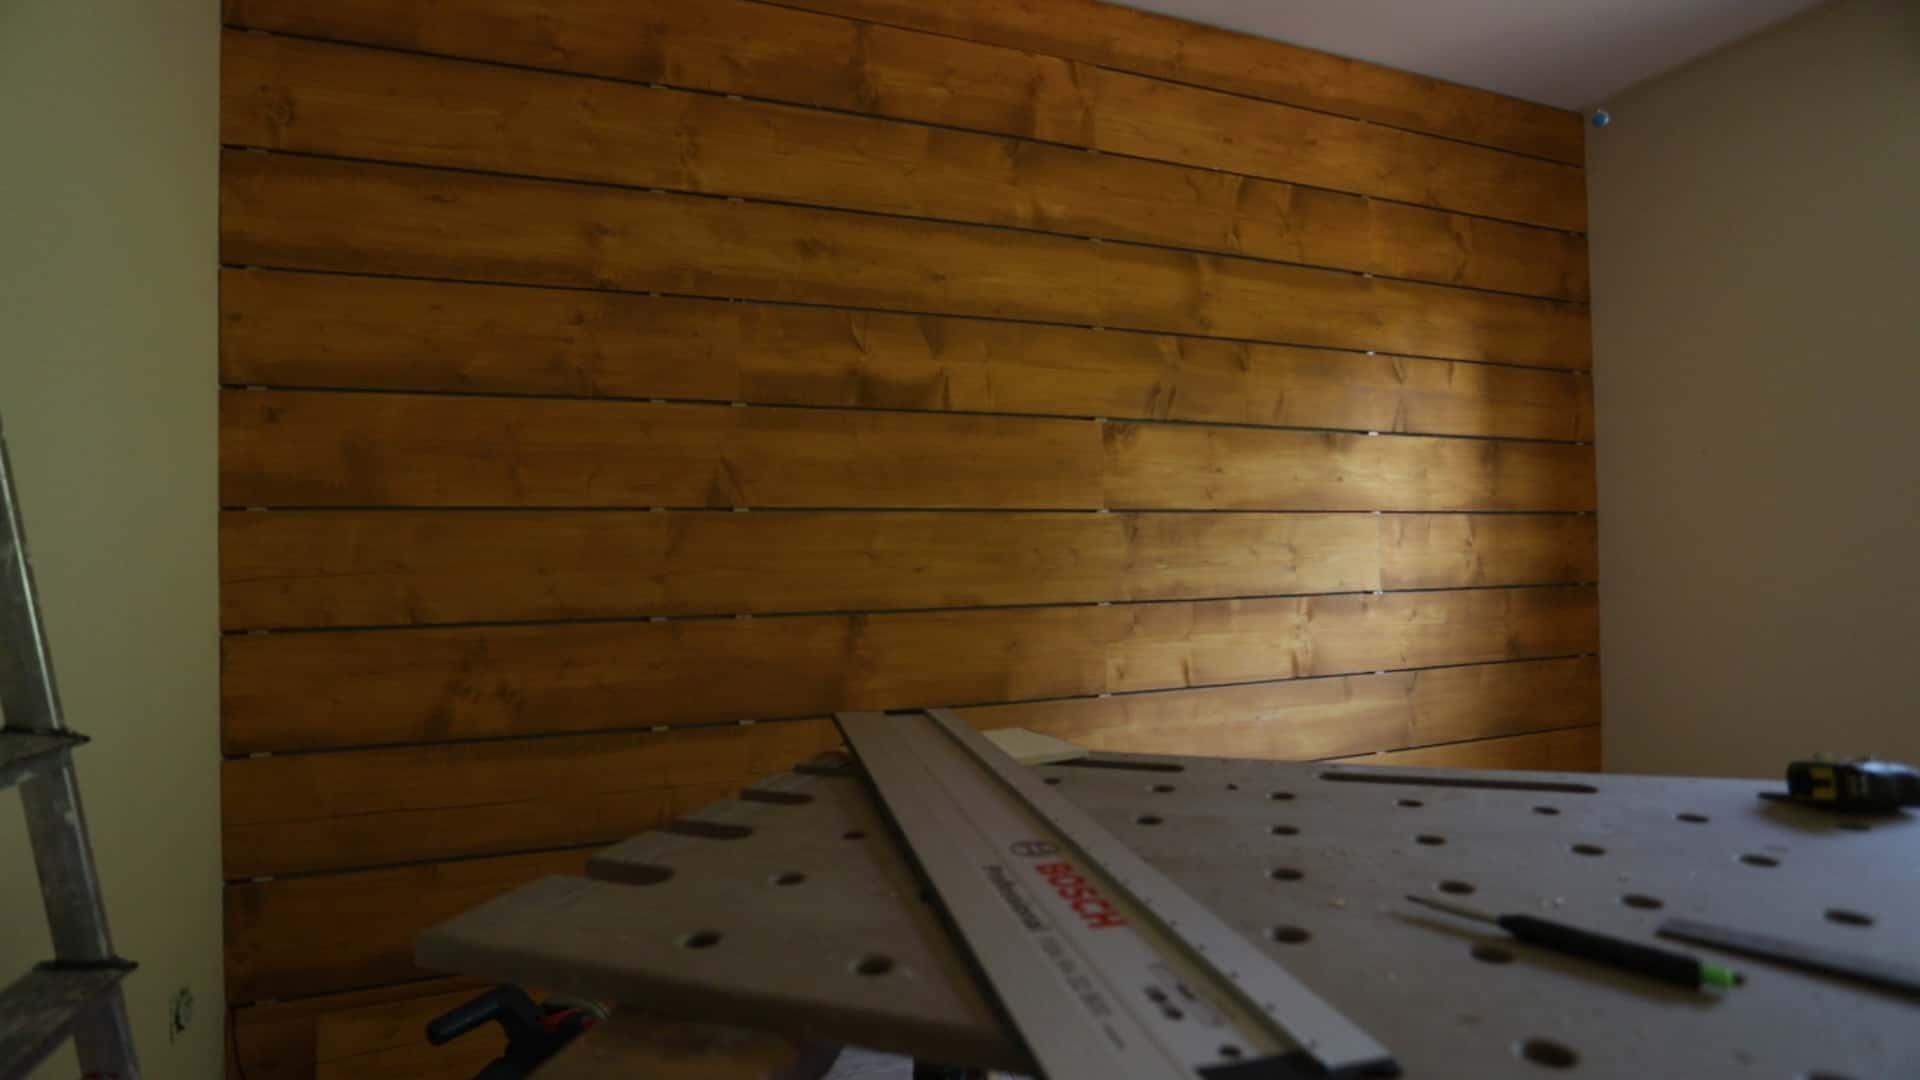 Meuble Avec Planche De Coffrage une décoration bon marché avec du bois de coffrage et de la